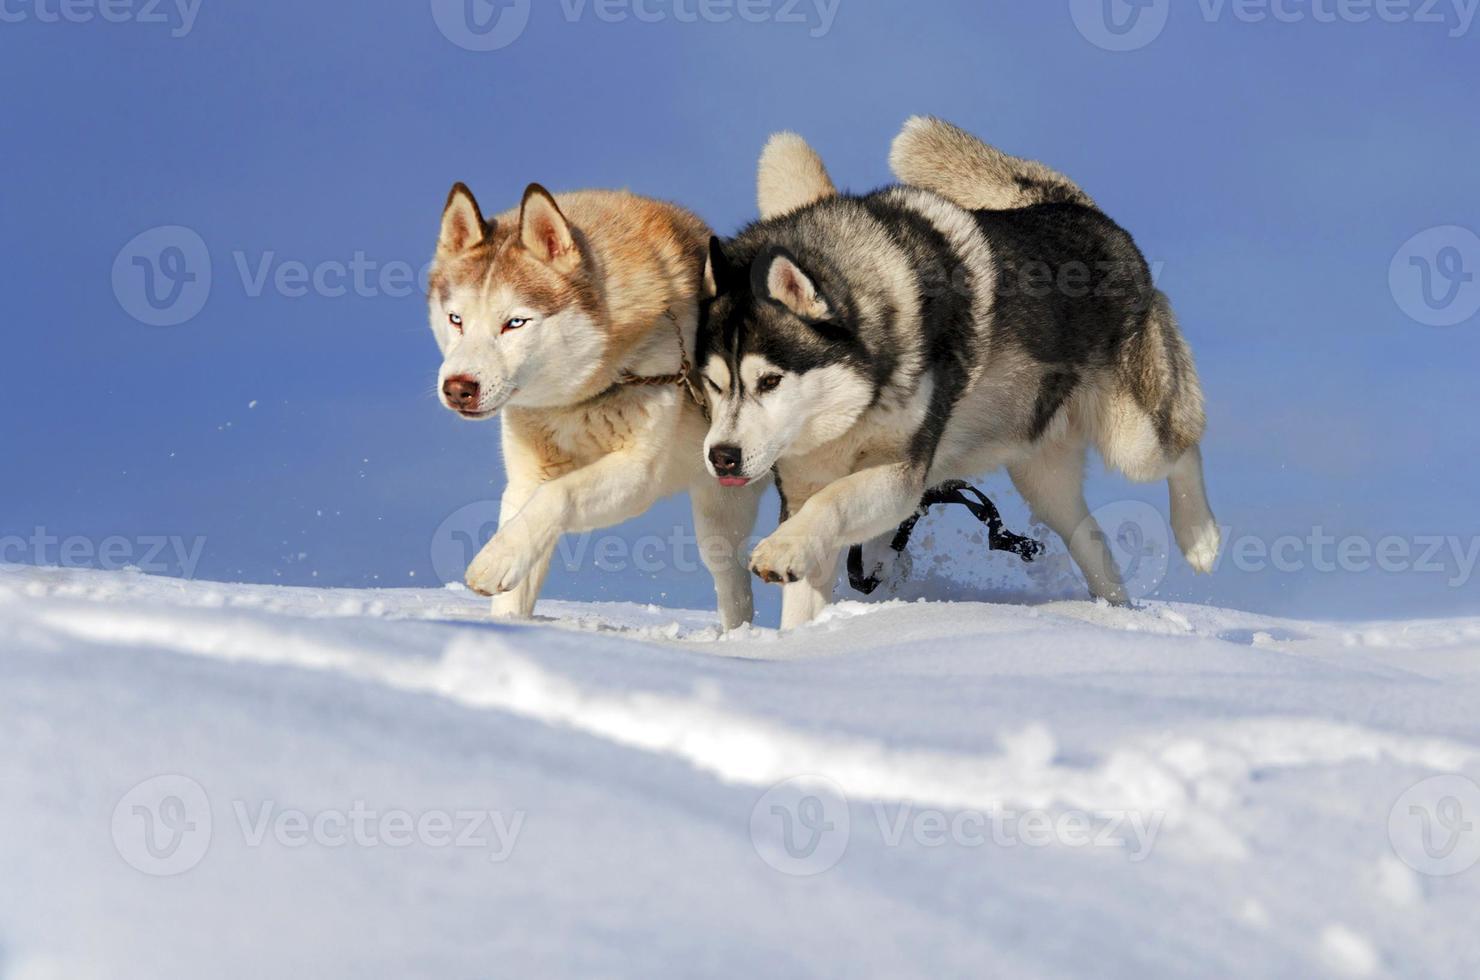 dos perros huskys corriendo en la nieve foto